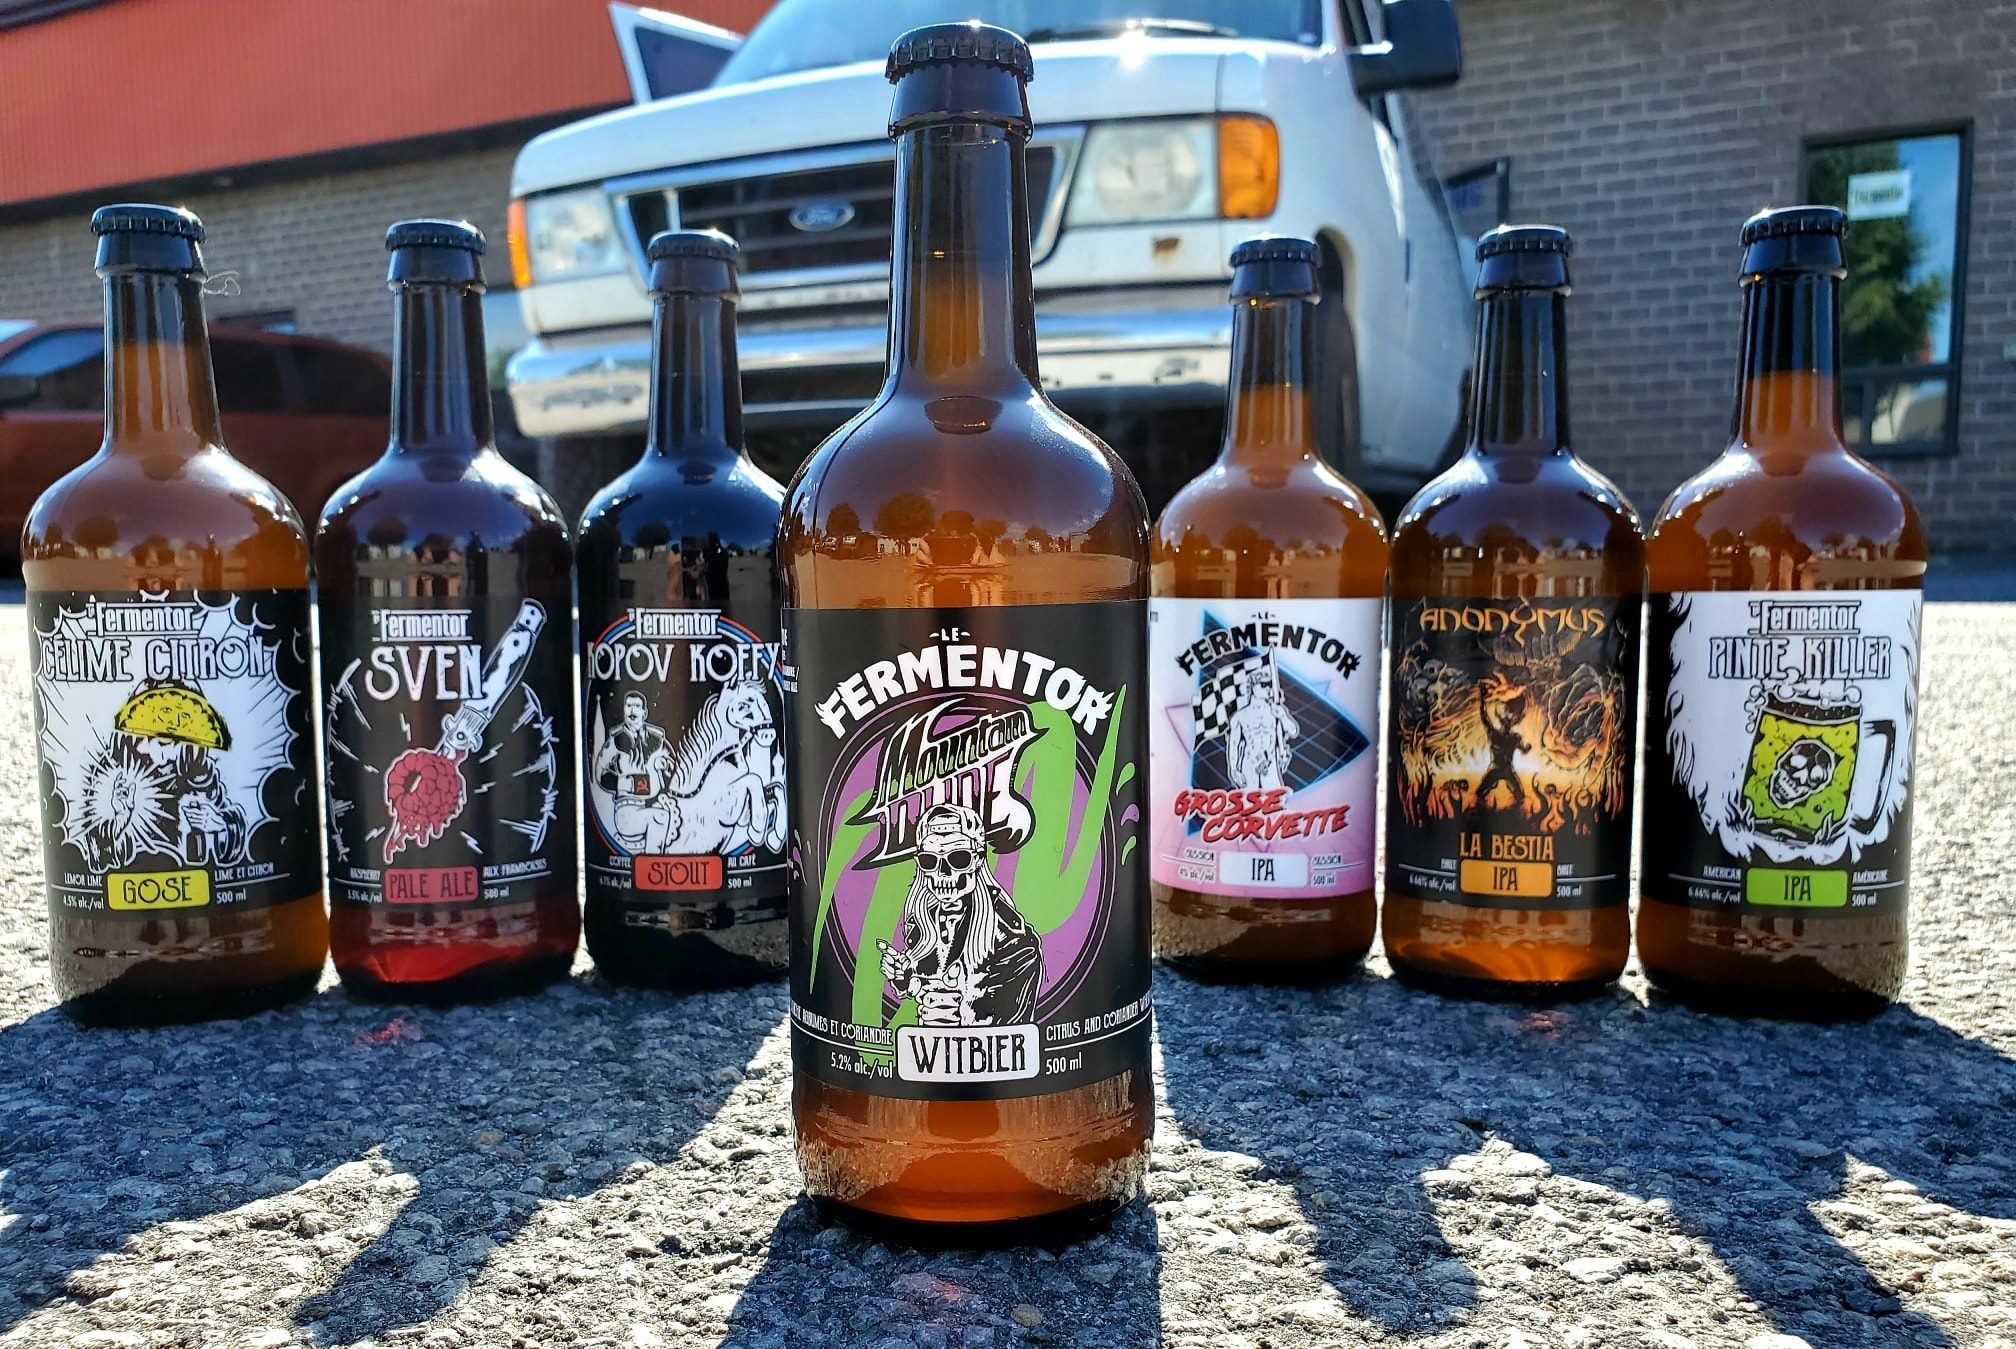 Bières du Fermentor